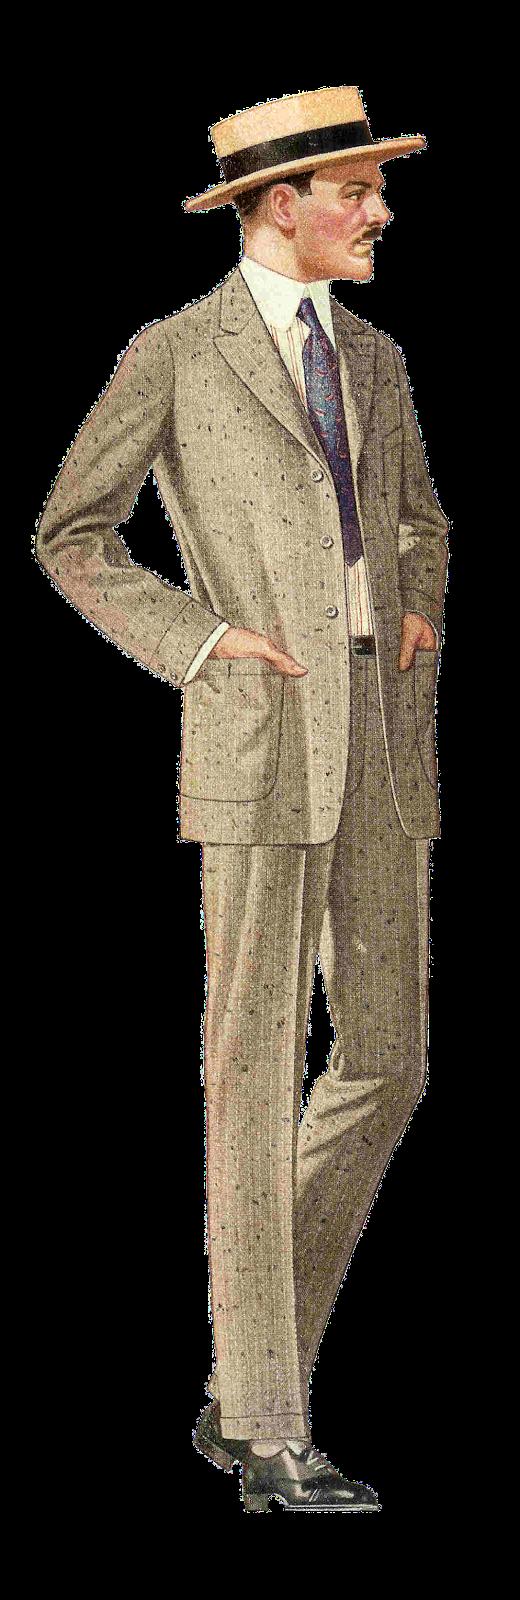 Men's Fashion Clipart - Clipart Suggest